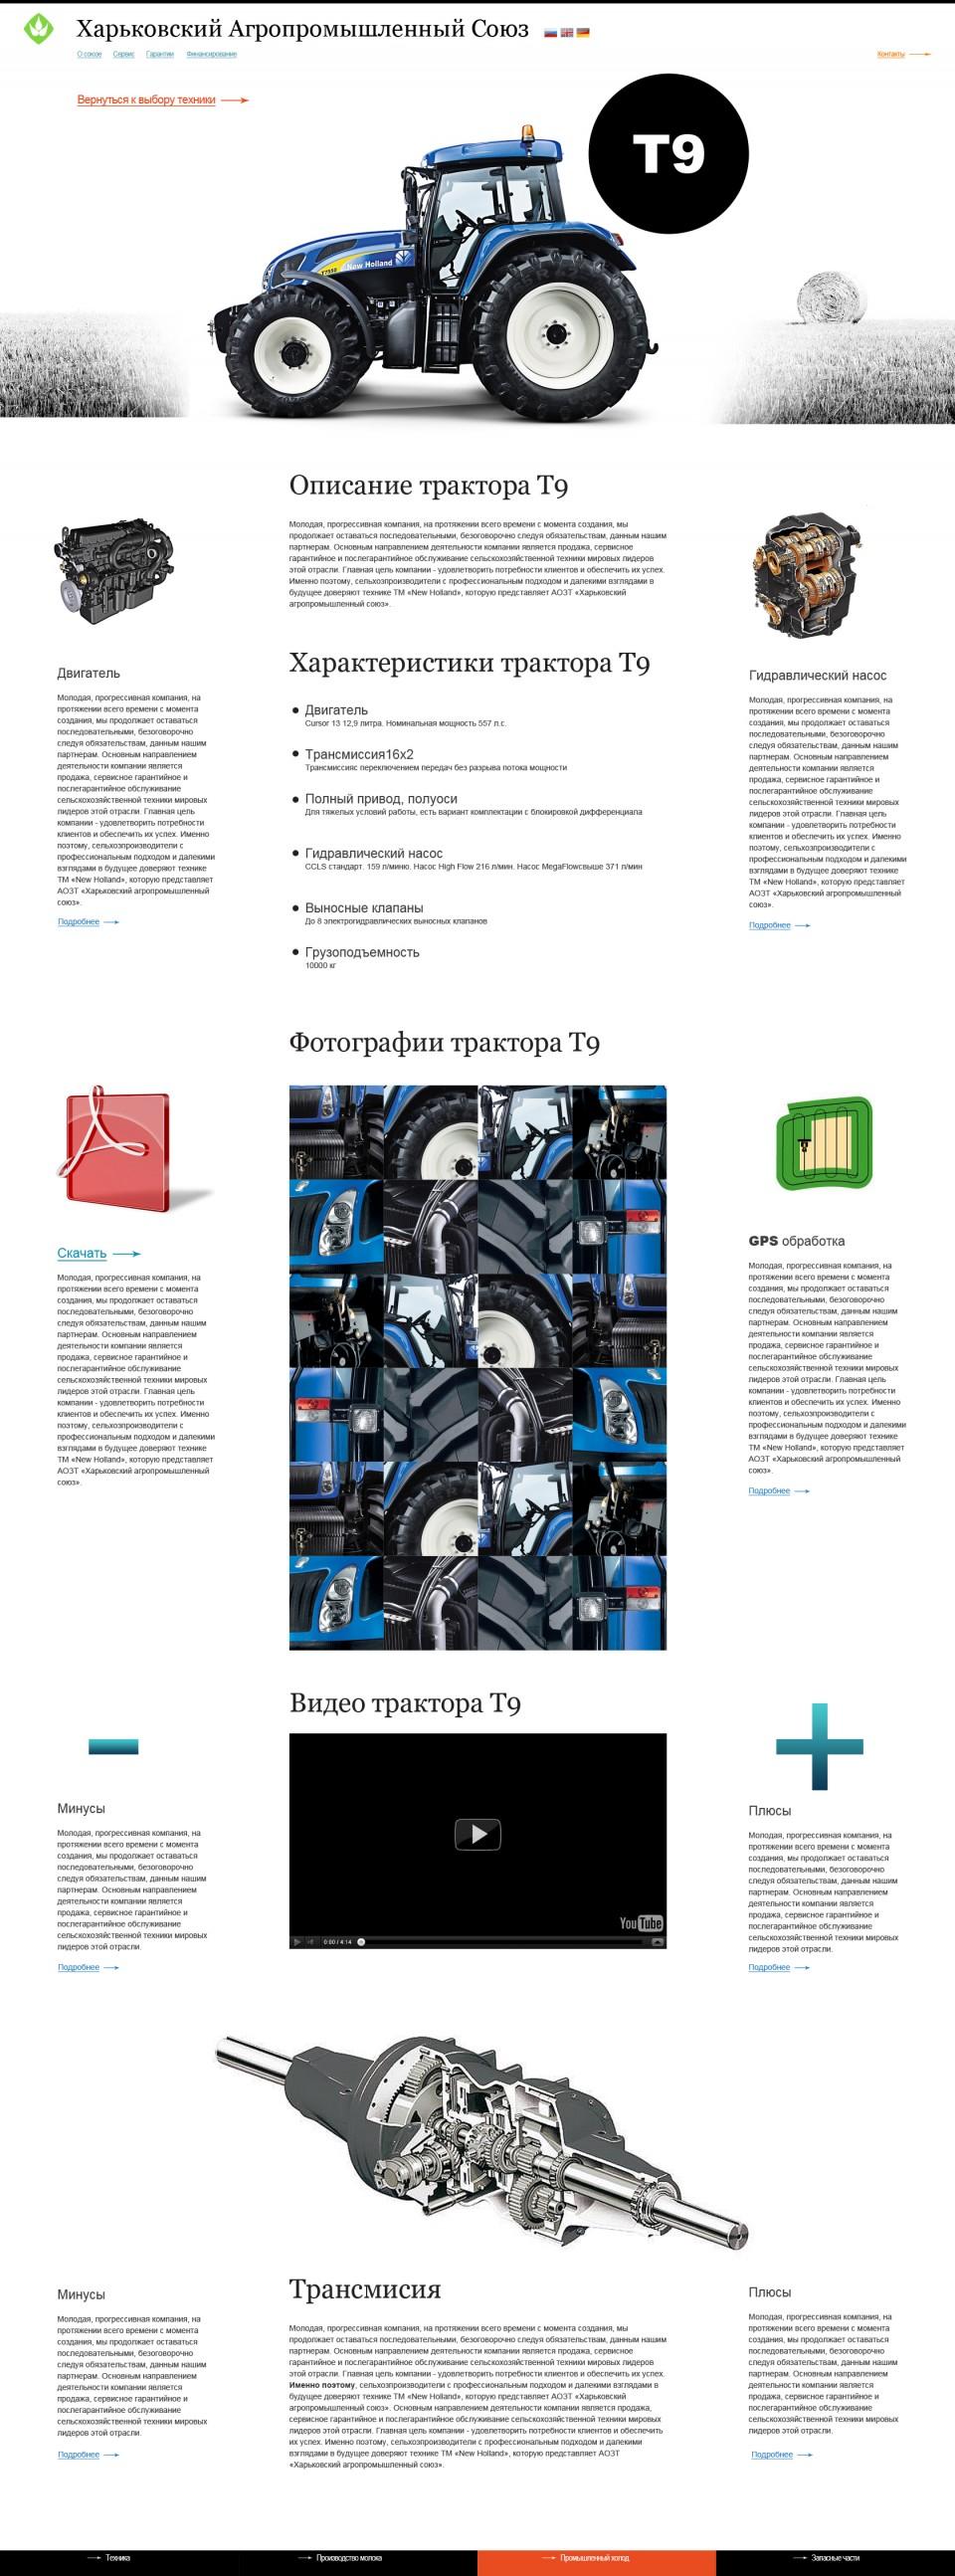 Страница техники - Корпоративный сайт Харьковского Агропромышленного Союза